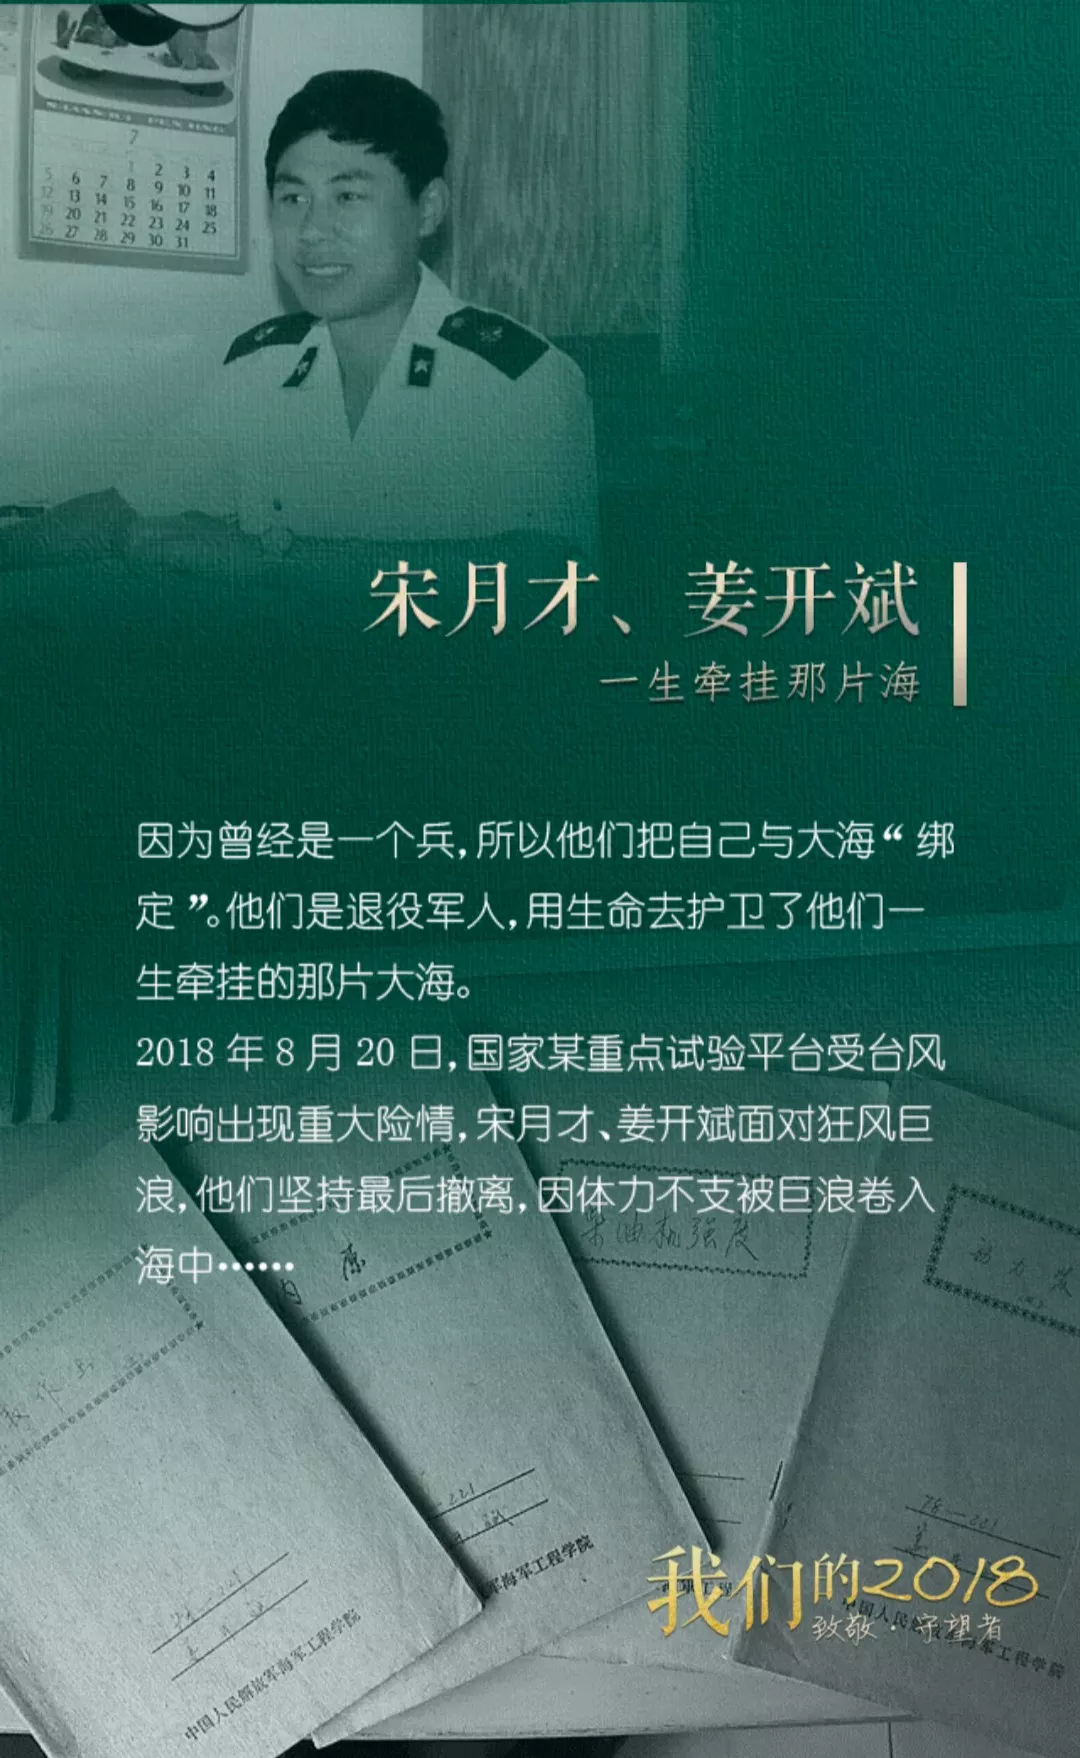 谢谢你,中国军人!用热血为我们守候一方安宁